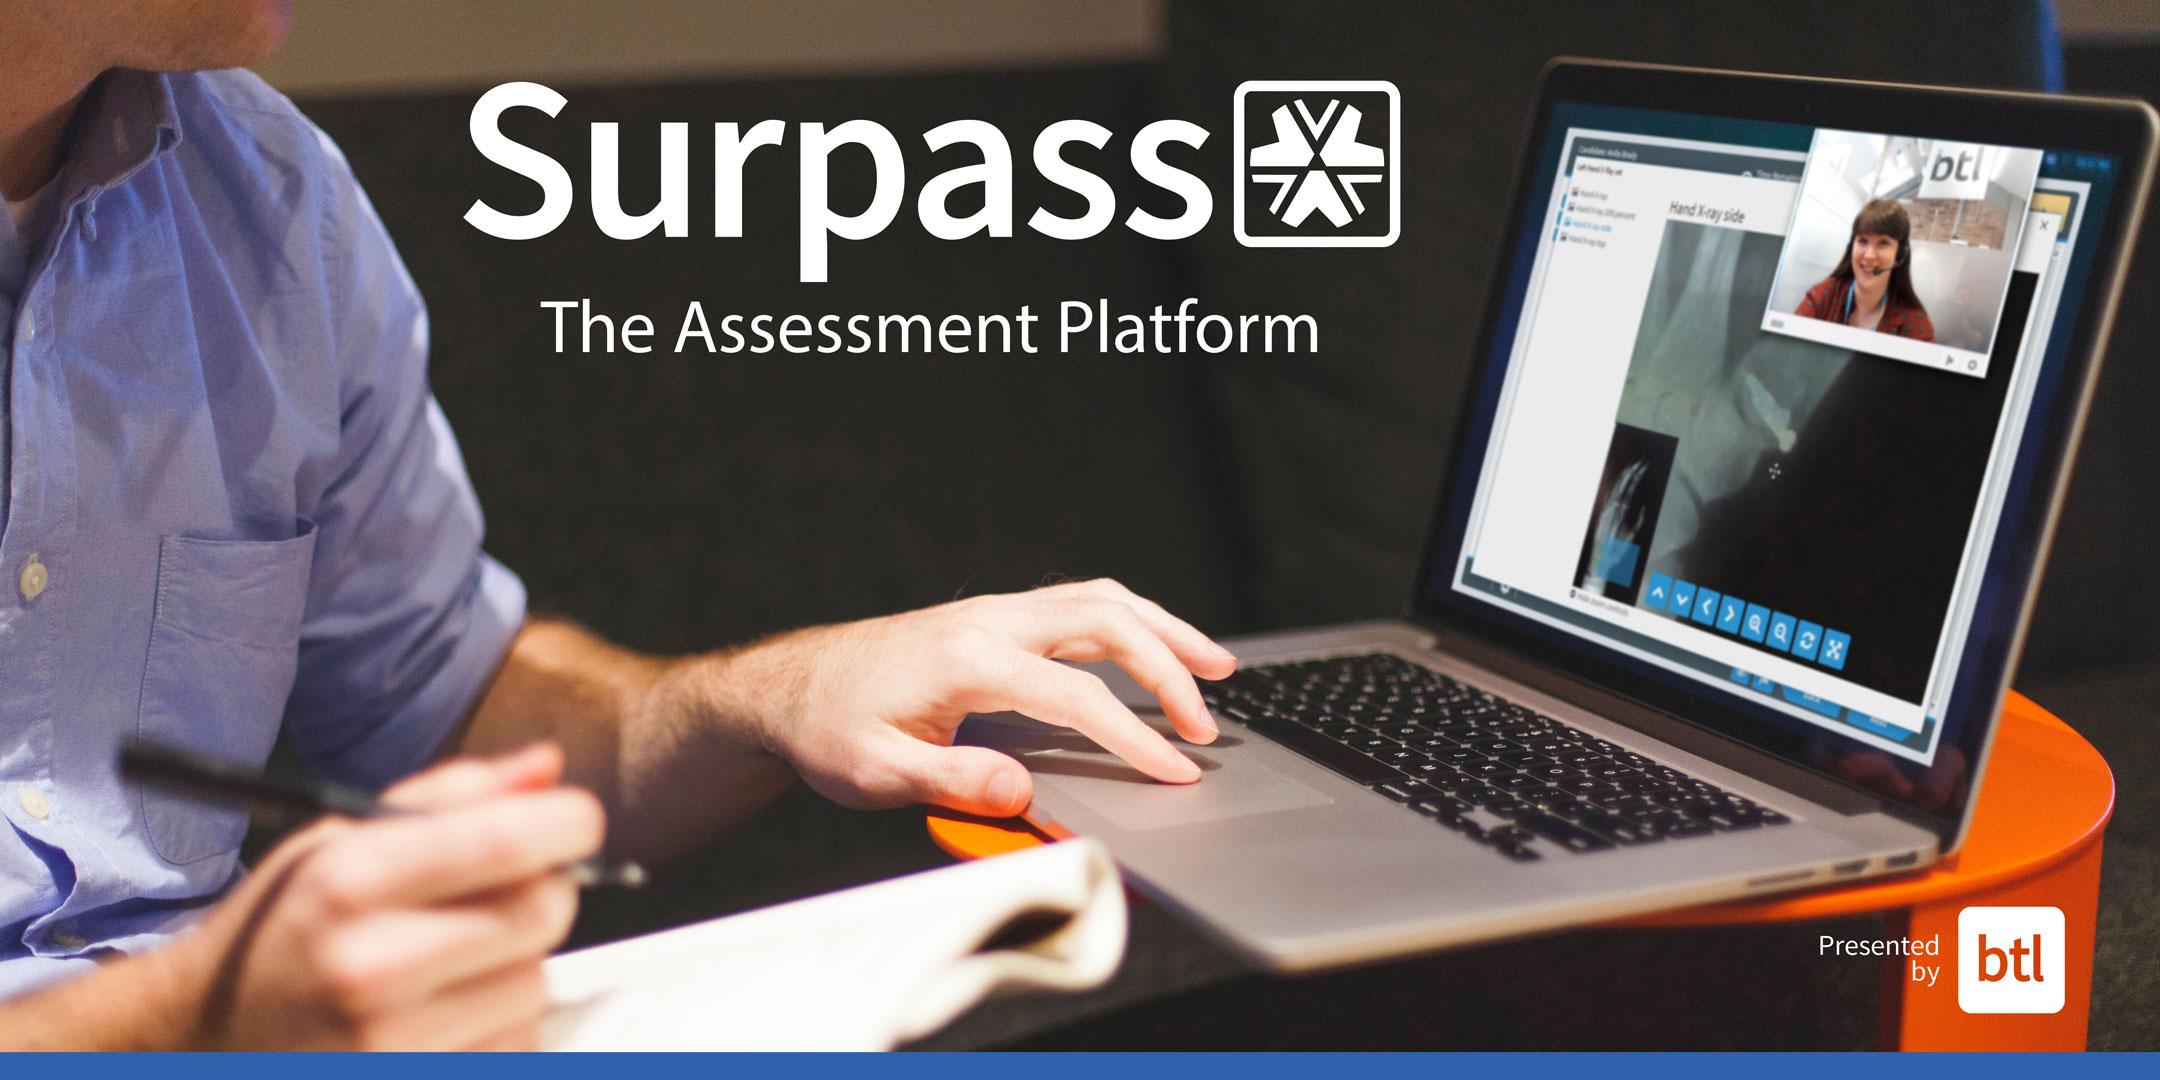 Surpass-webinar